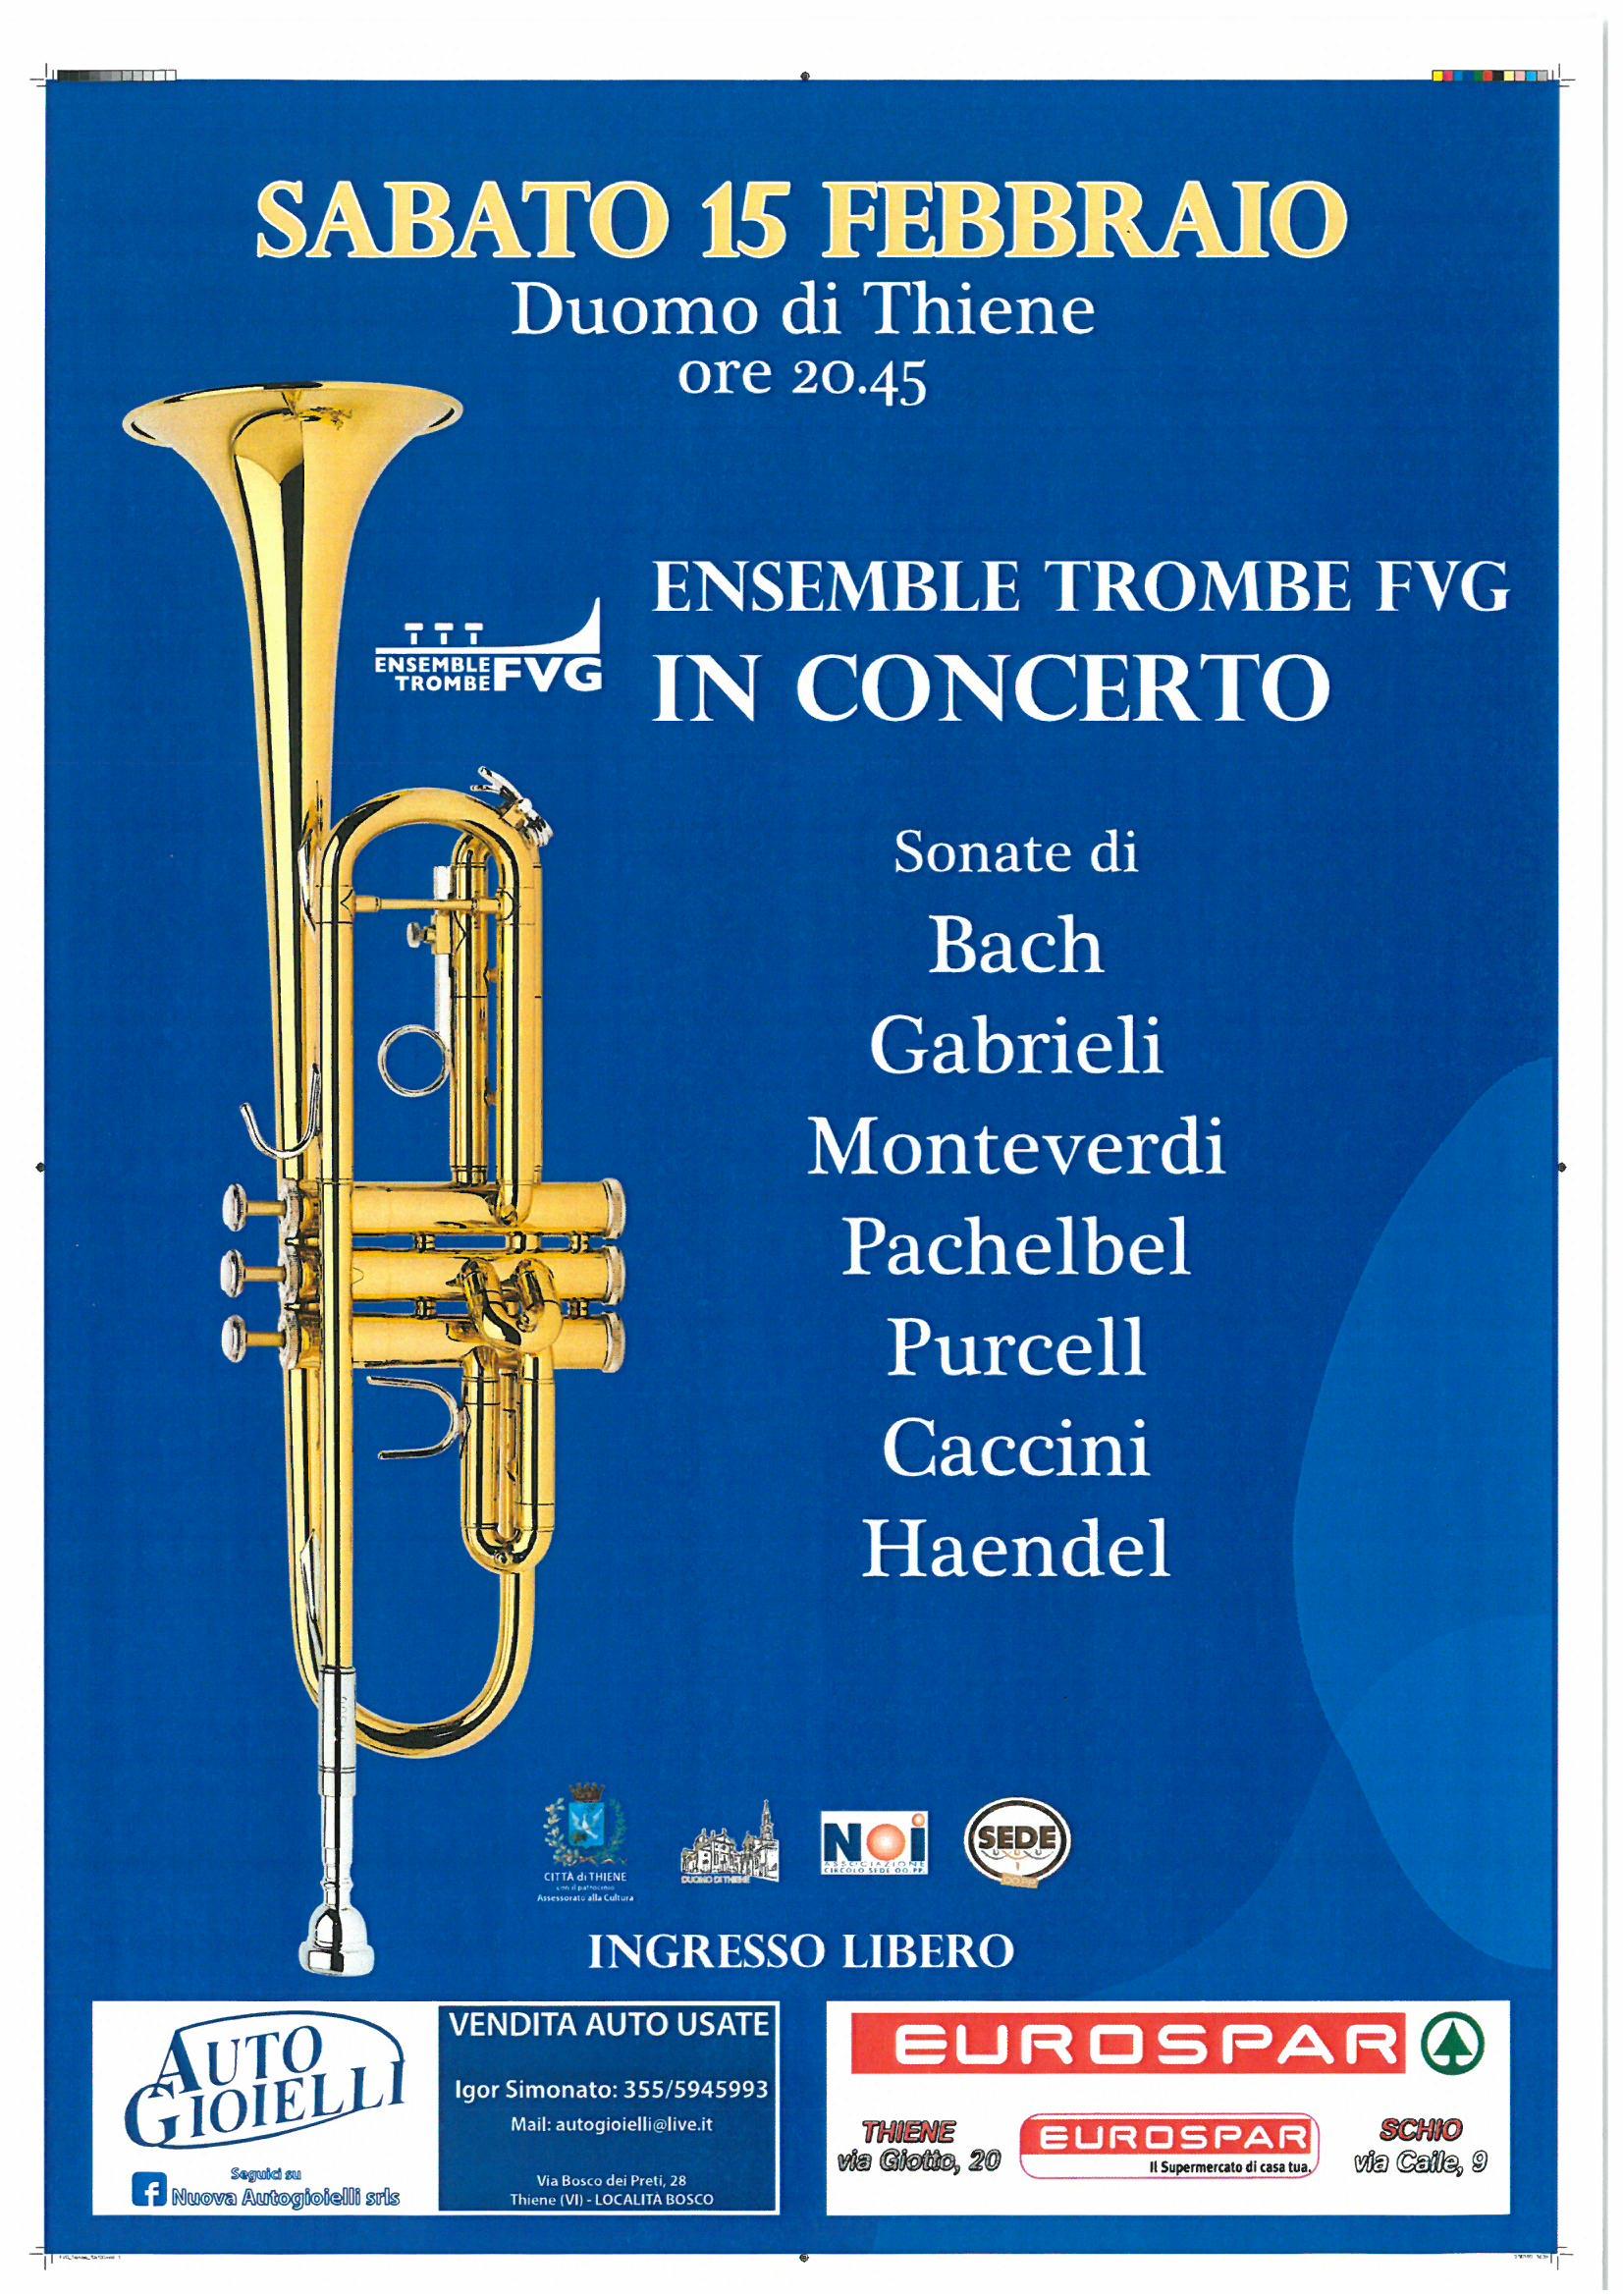 Concerto Duomo Thiene - 15 febbraio